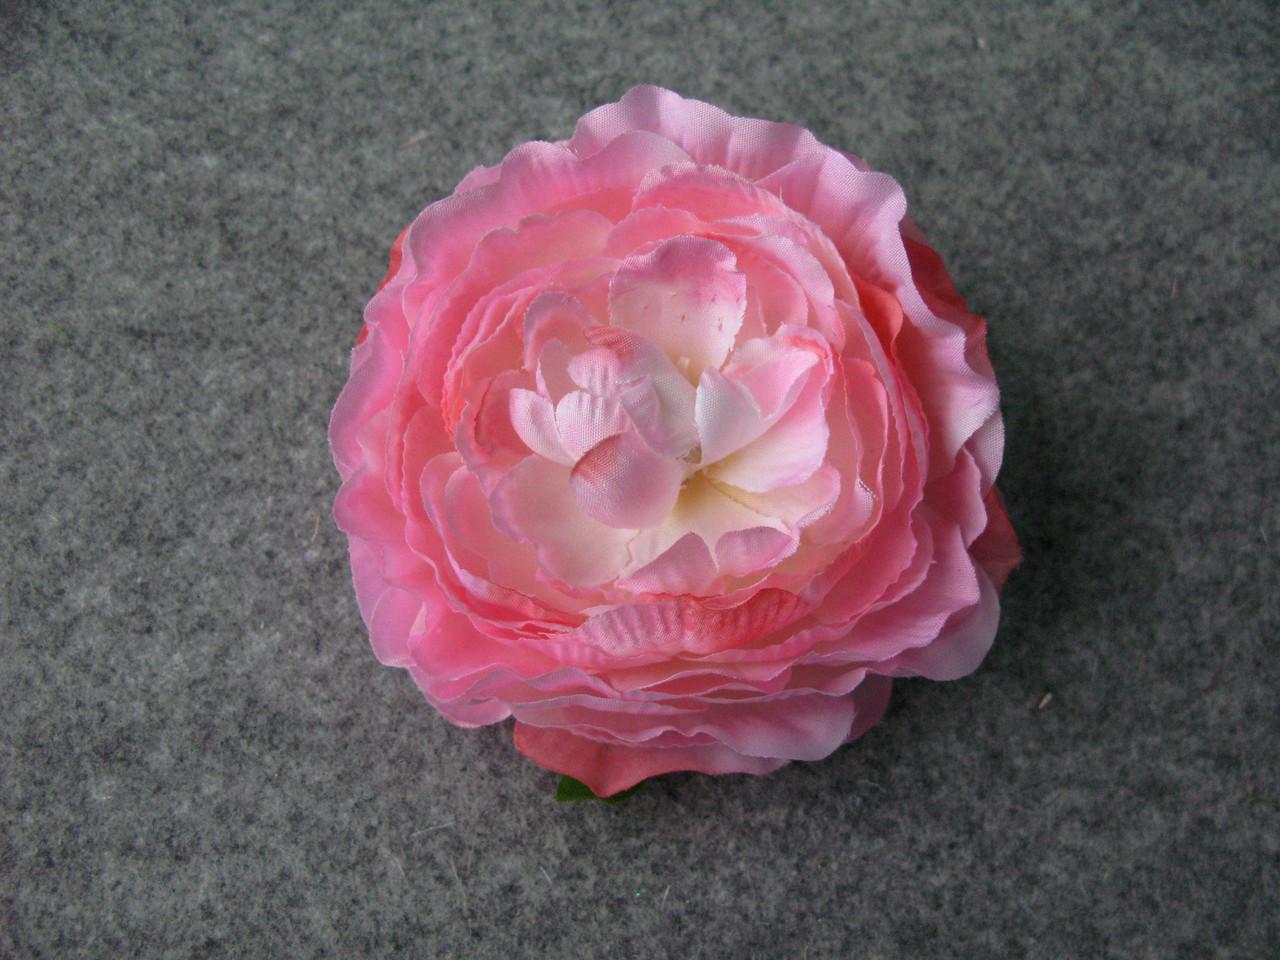 Пион искусственный 9-10 см розовый (головка без листьев)